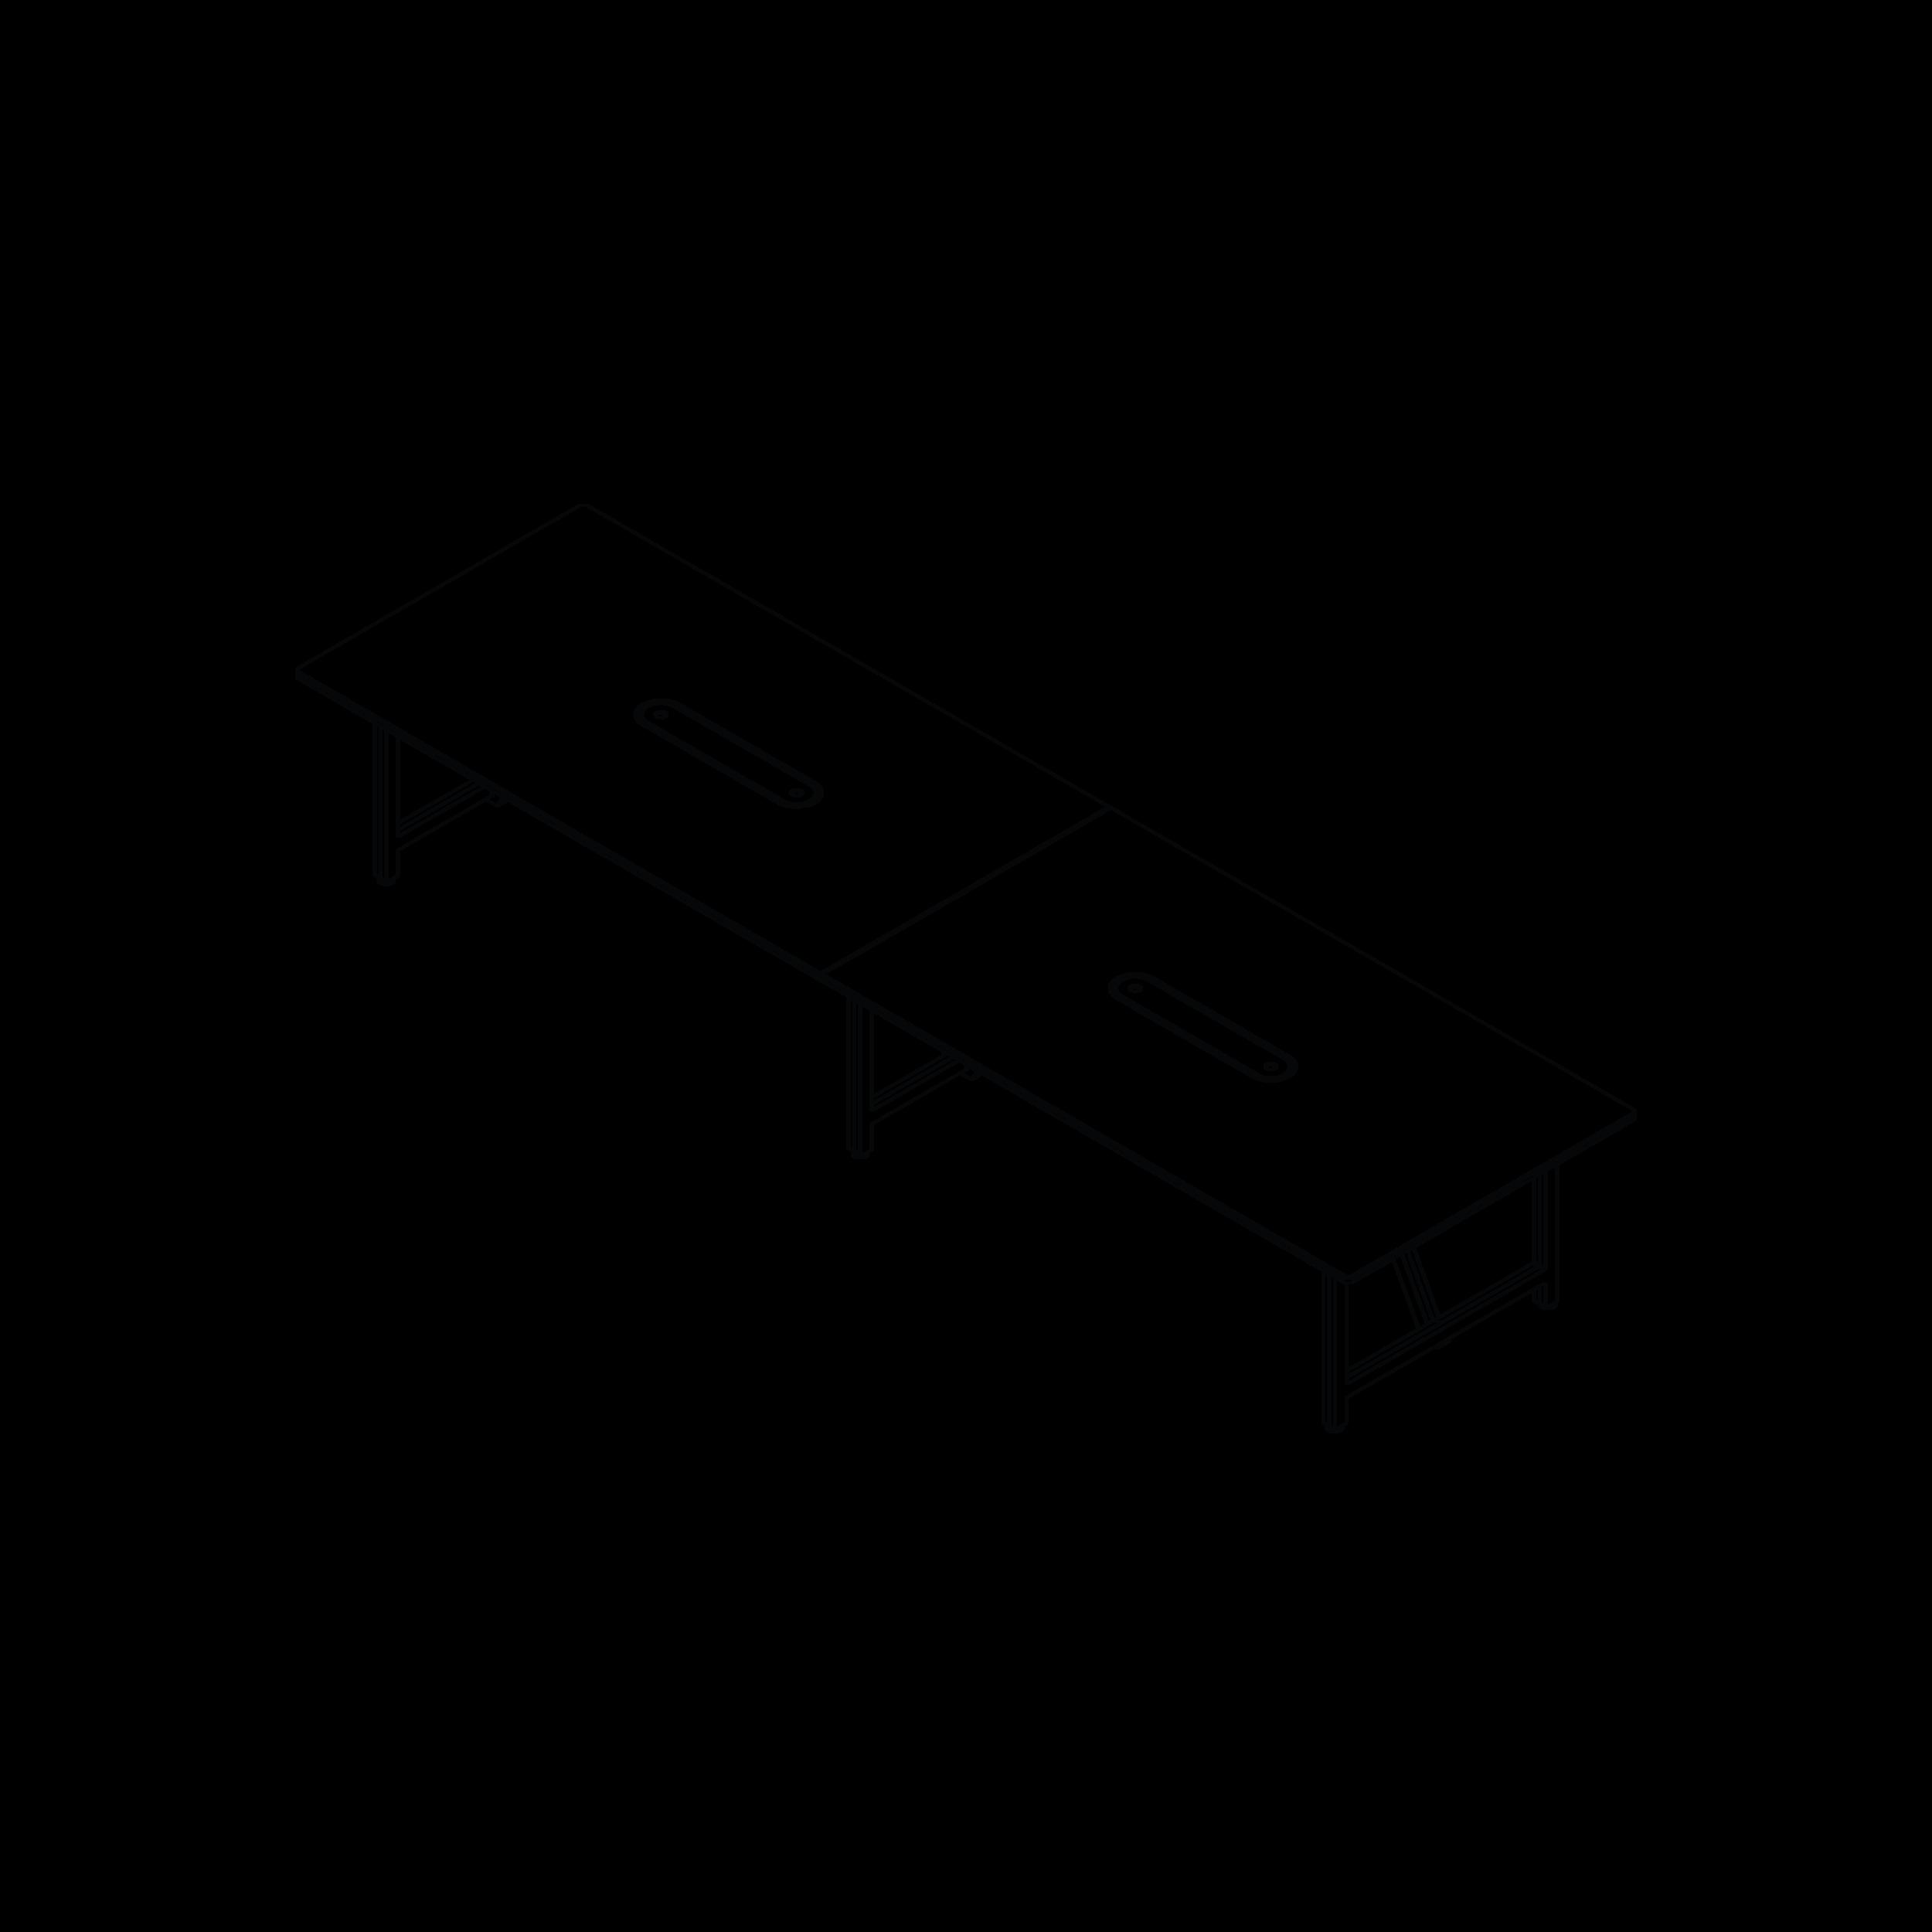 SoWatt-Plywood-Desk-Rover-Team-Table-Medium.png